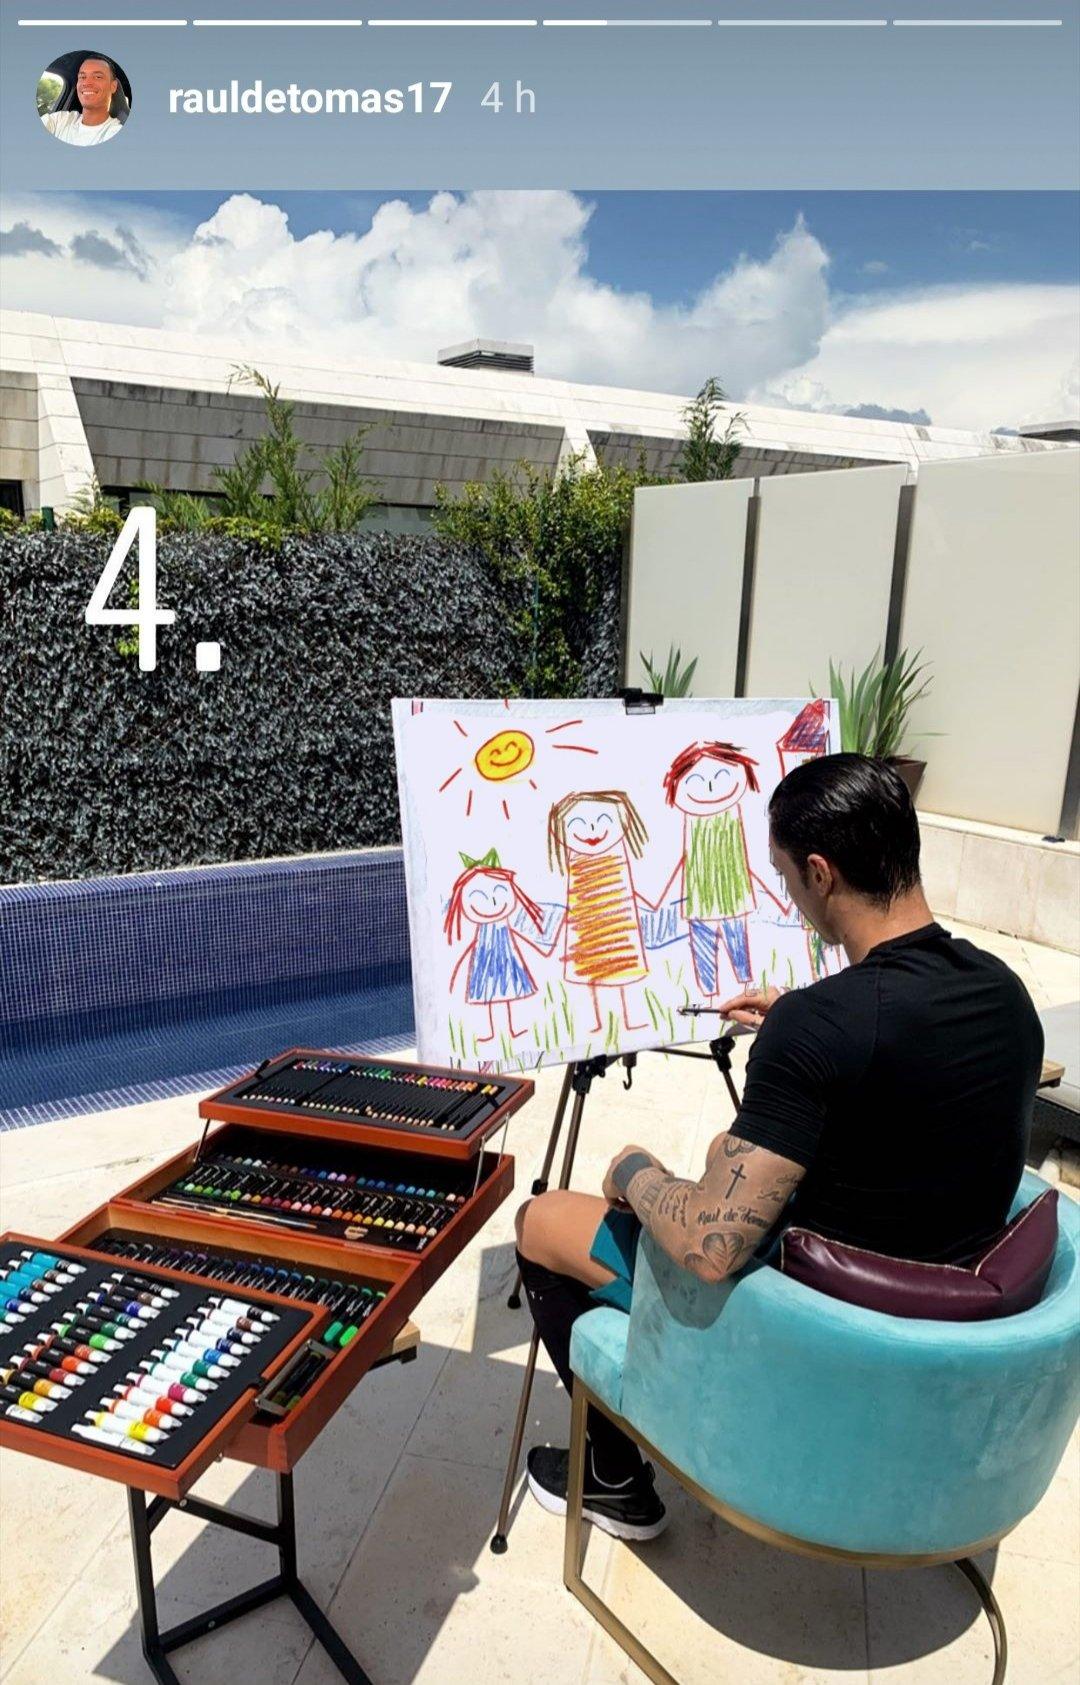 Raúl de Tomás pintando cuadros durante la cuarentena: cuando te compras un ordenador de 5000 euros para jugar al buscaminas